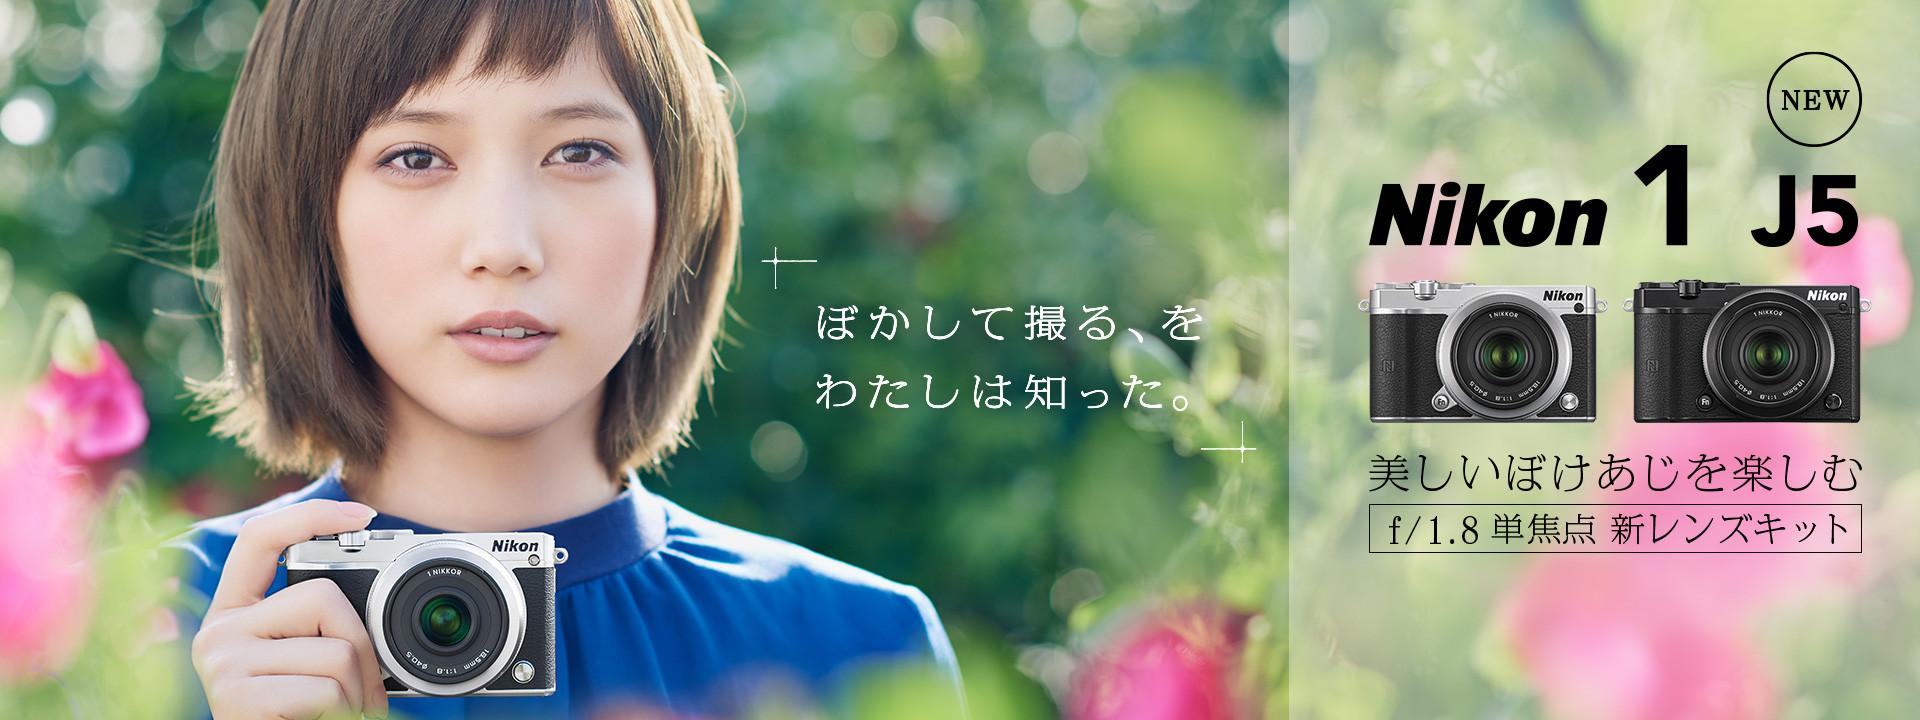 本田翼 Honda Tsubasa Nikon Images 7